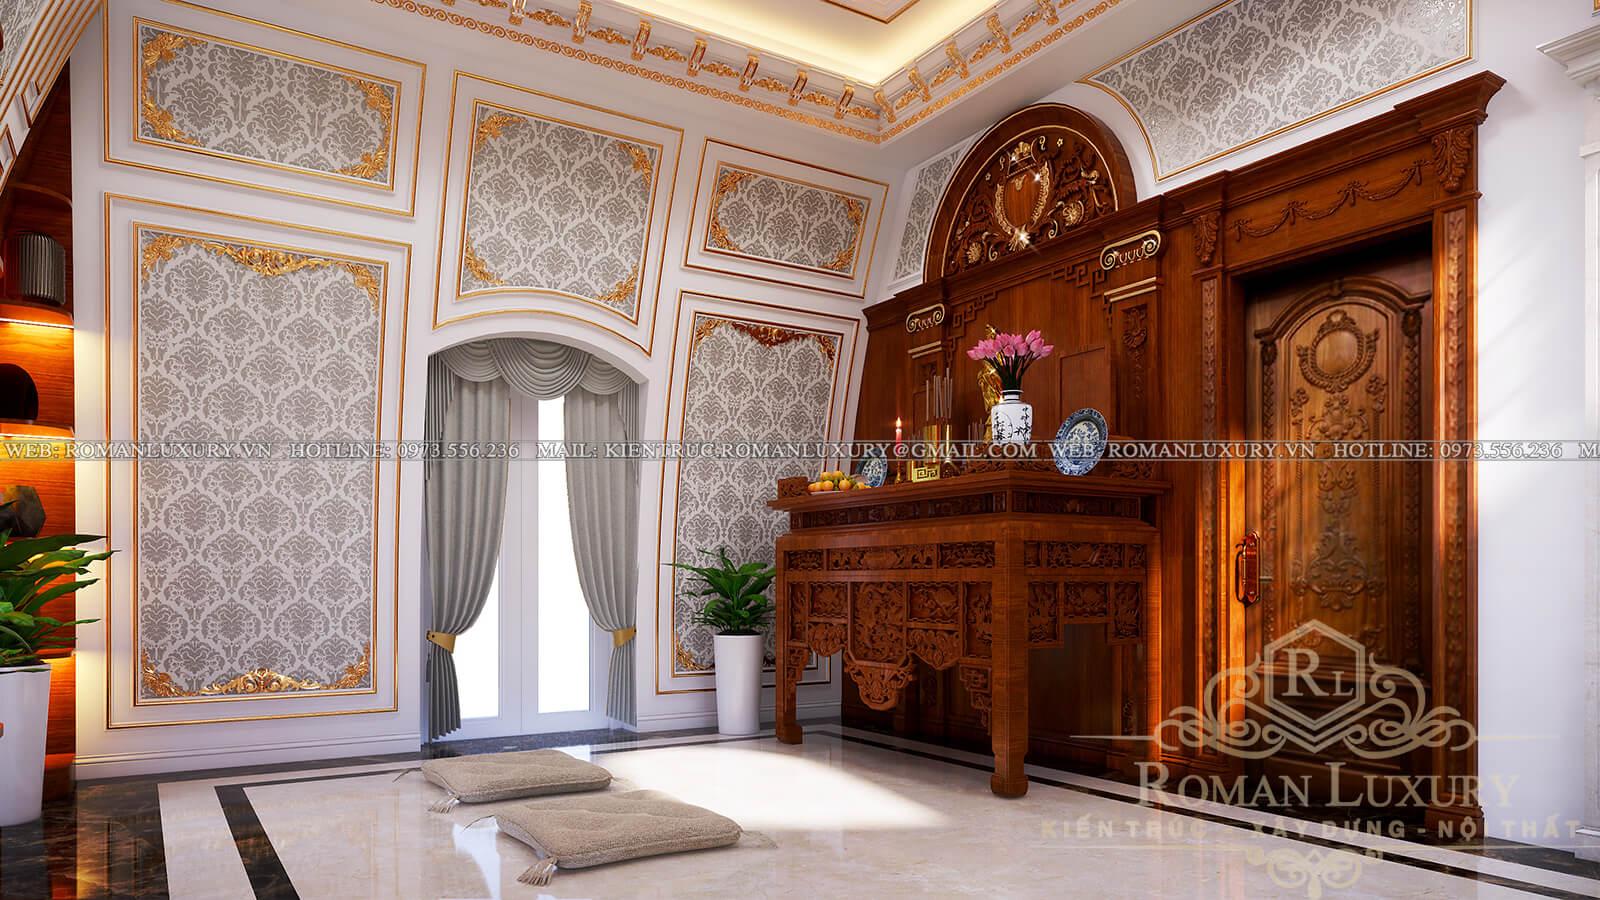 phòng thờ mẫu biệt thự cổ điển đẹp